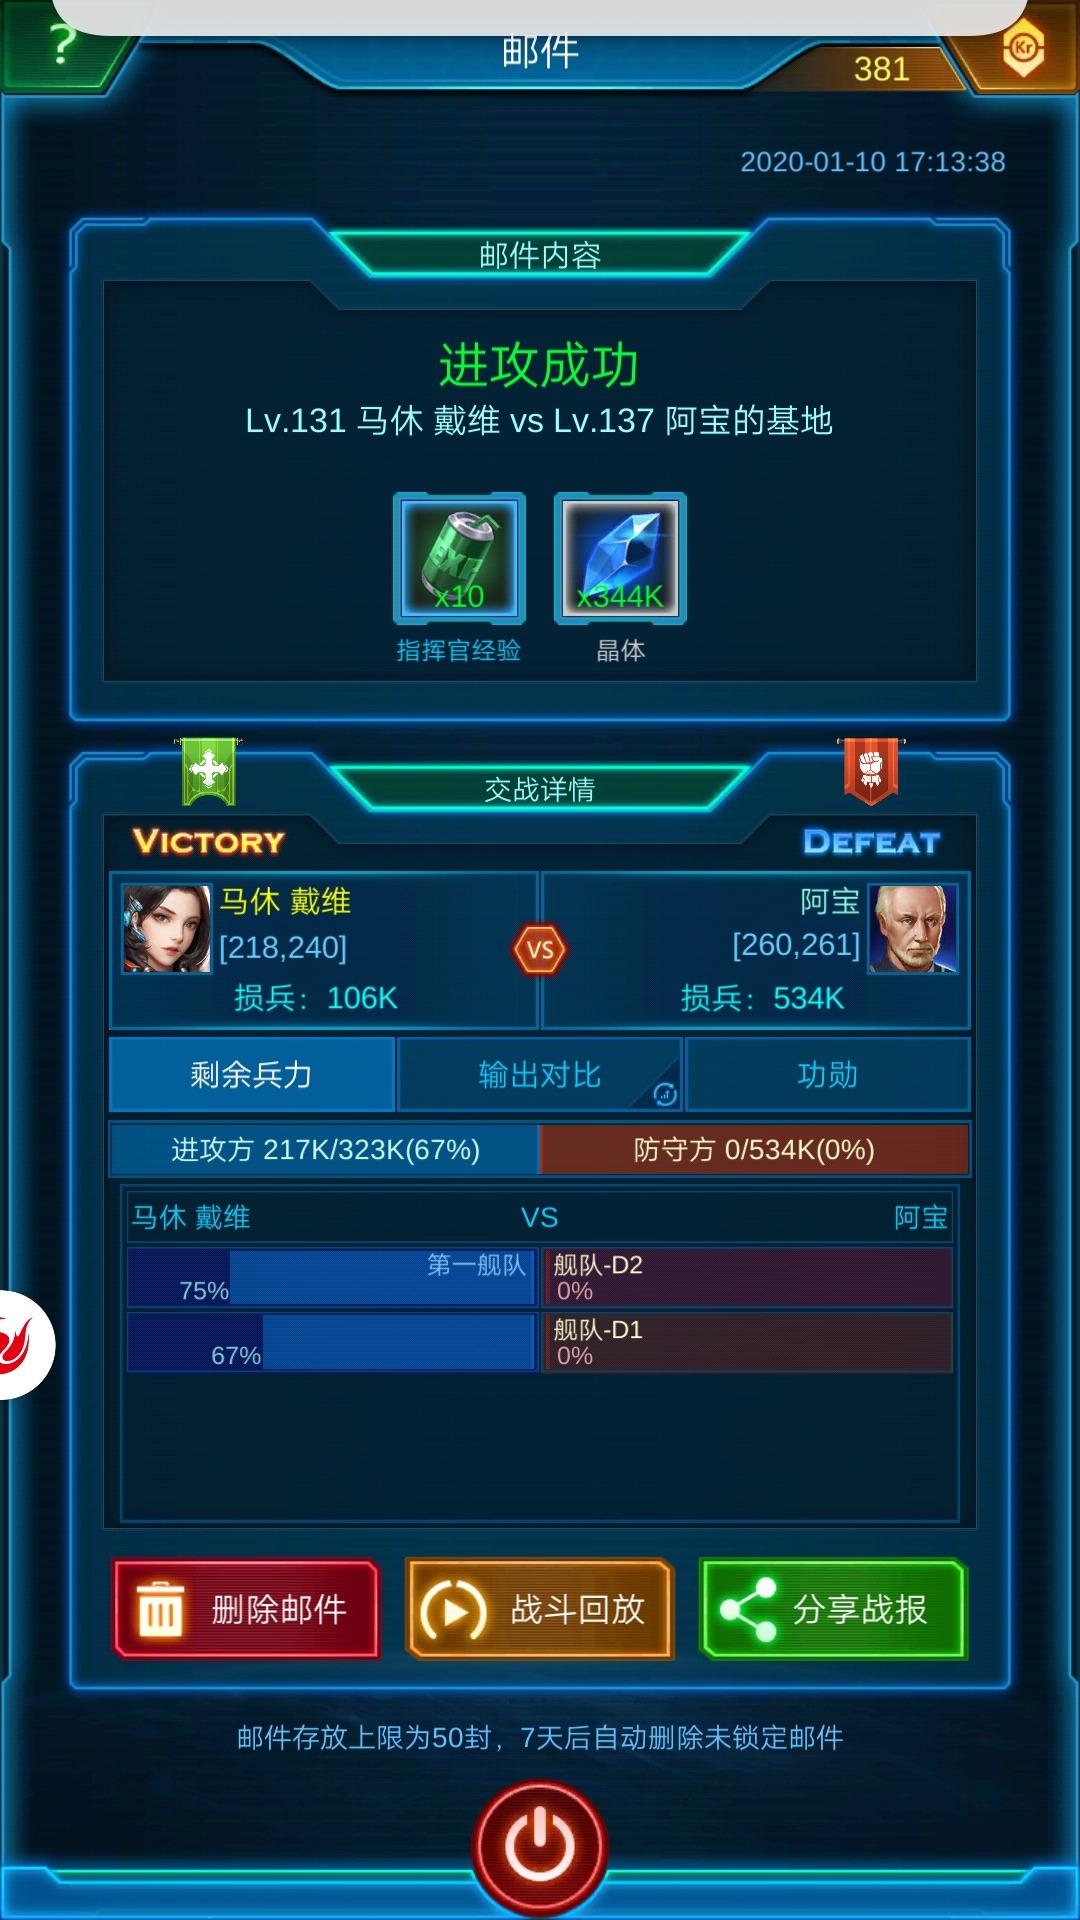 Screenshot_20200110_181808.jpg